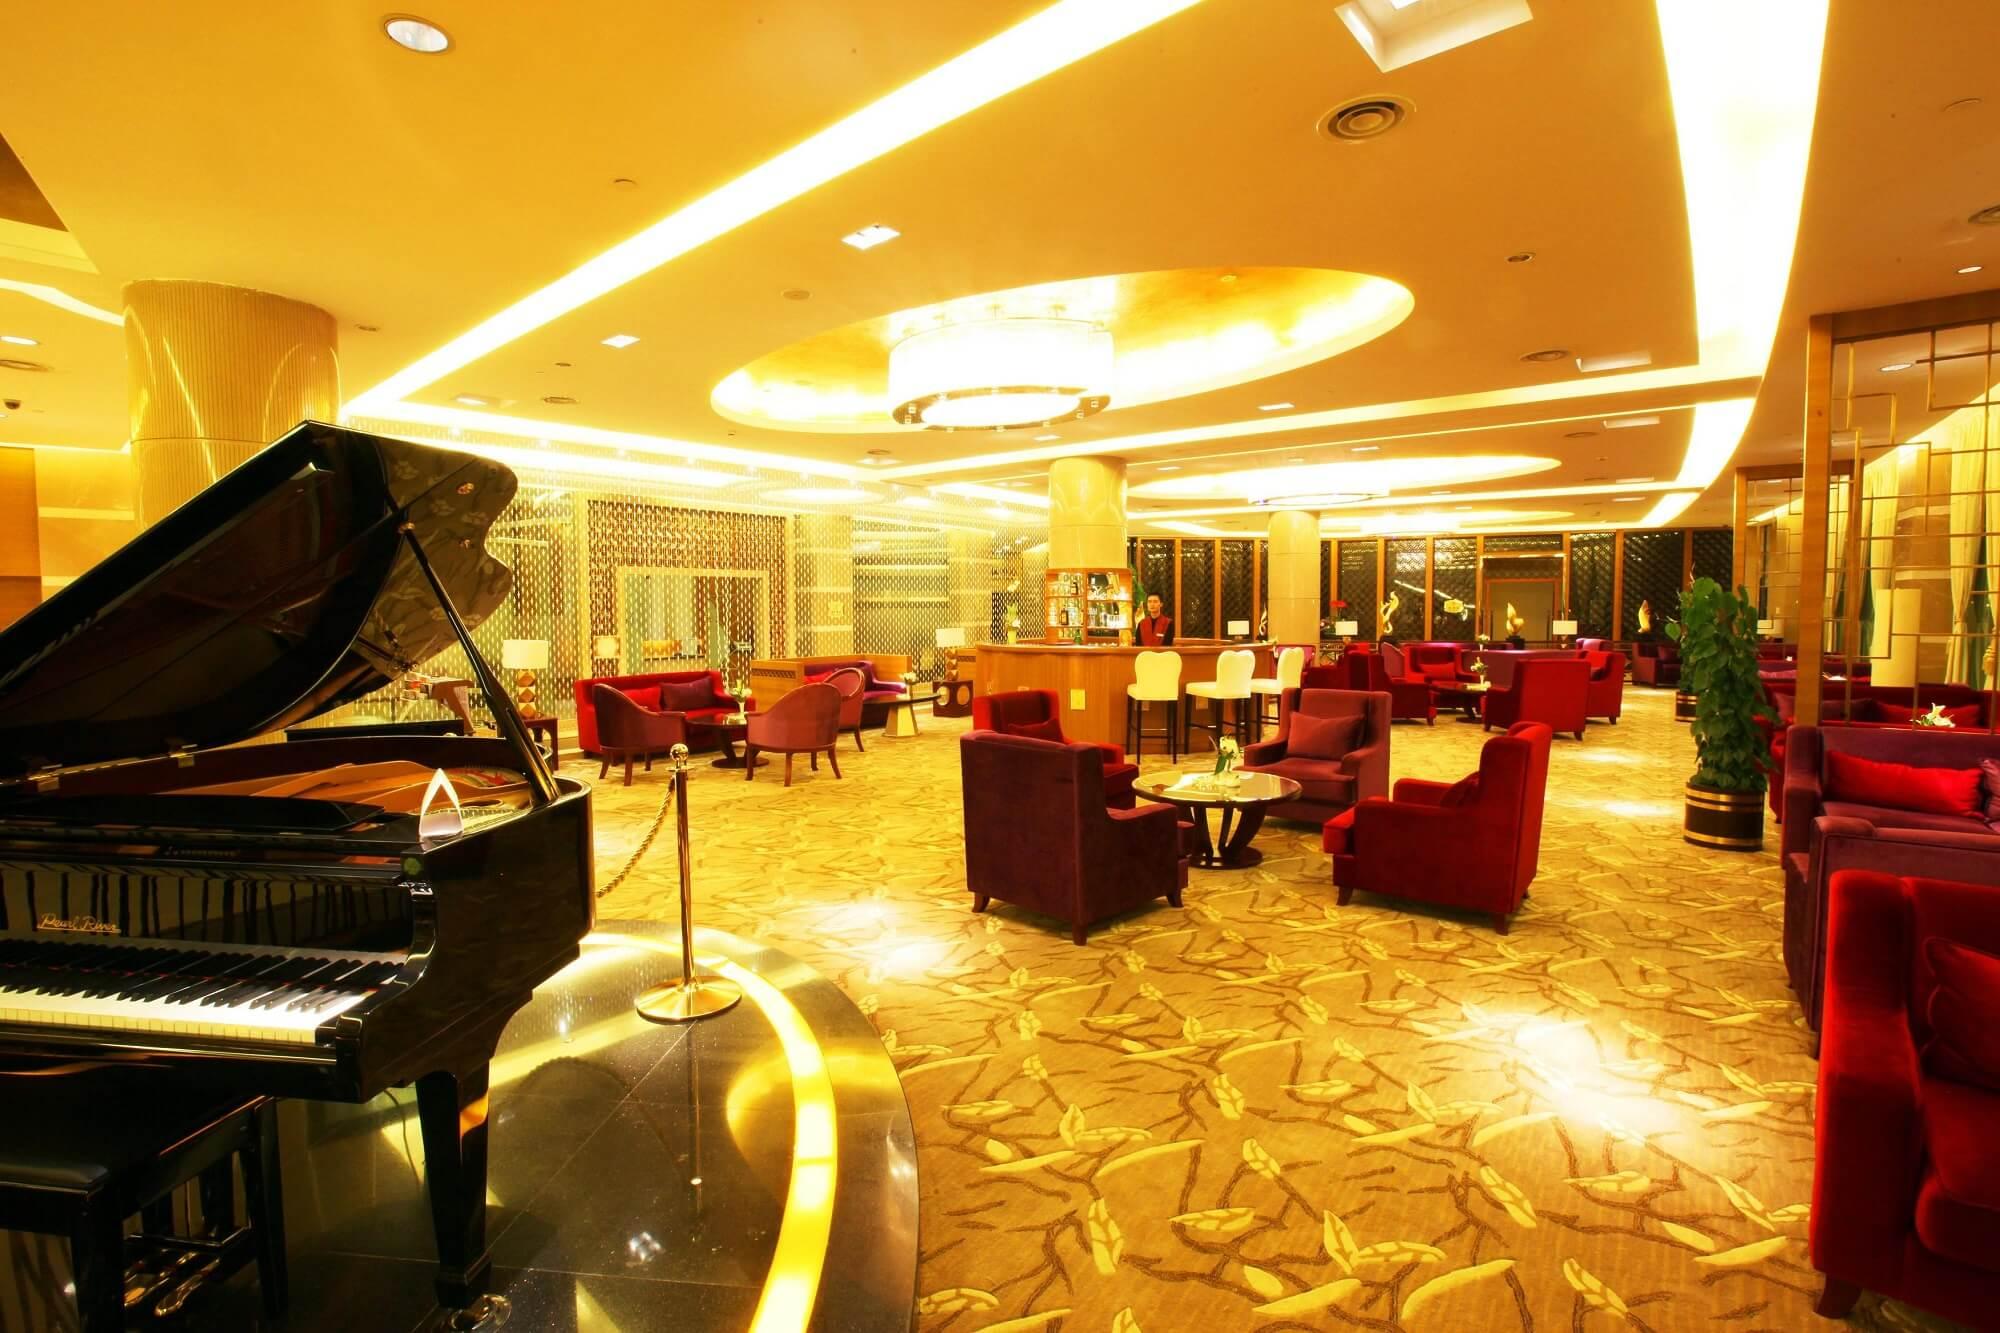 Qinghe Jinjiang International Hotel Lobby Bar